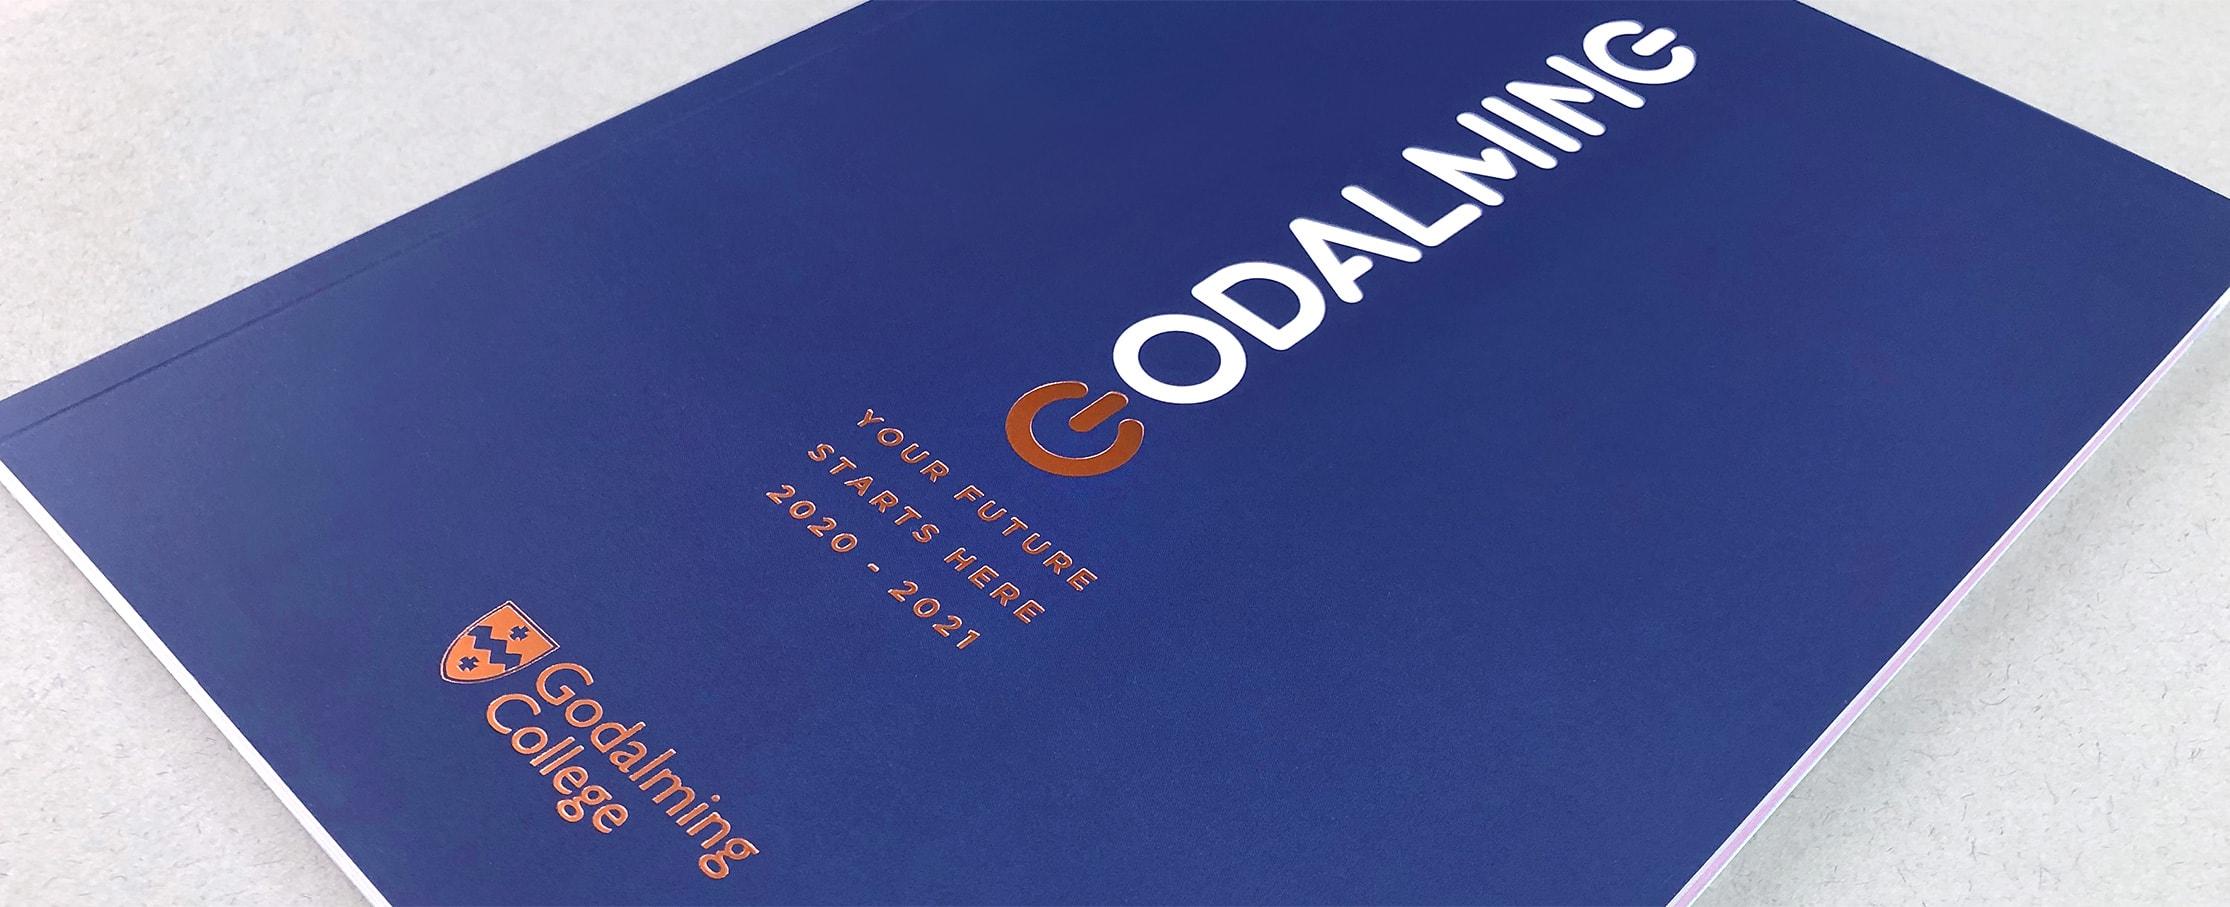 College prospectus cover design